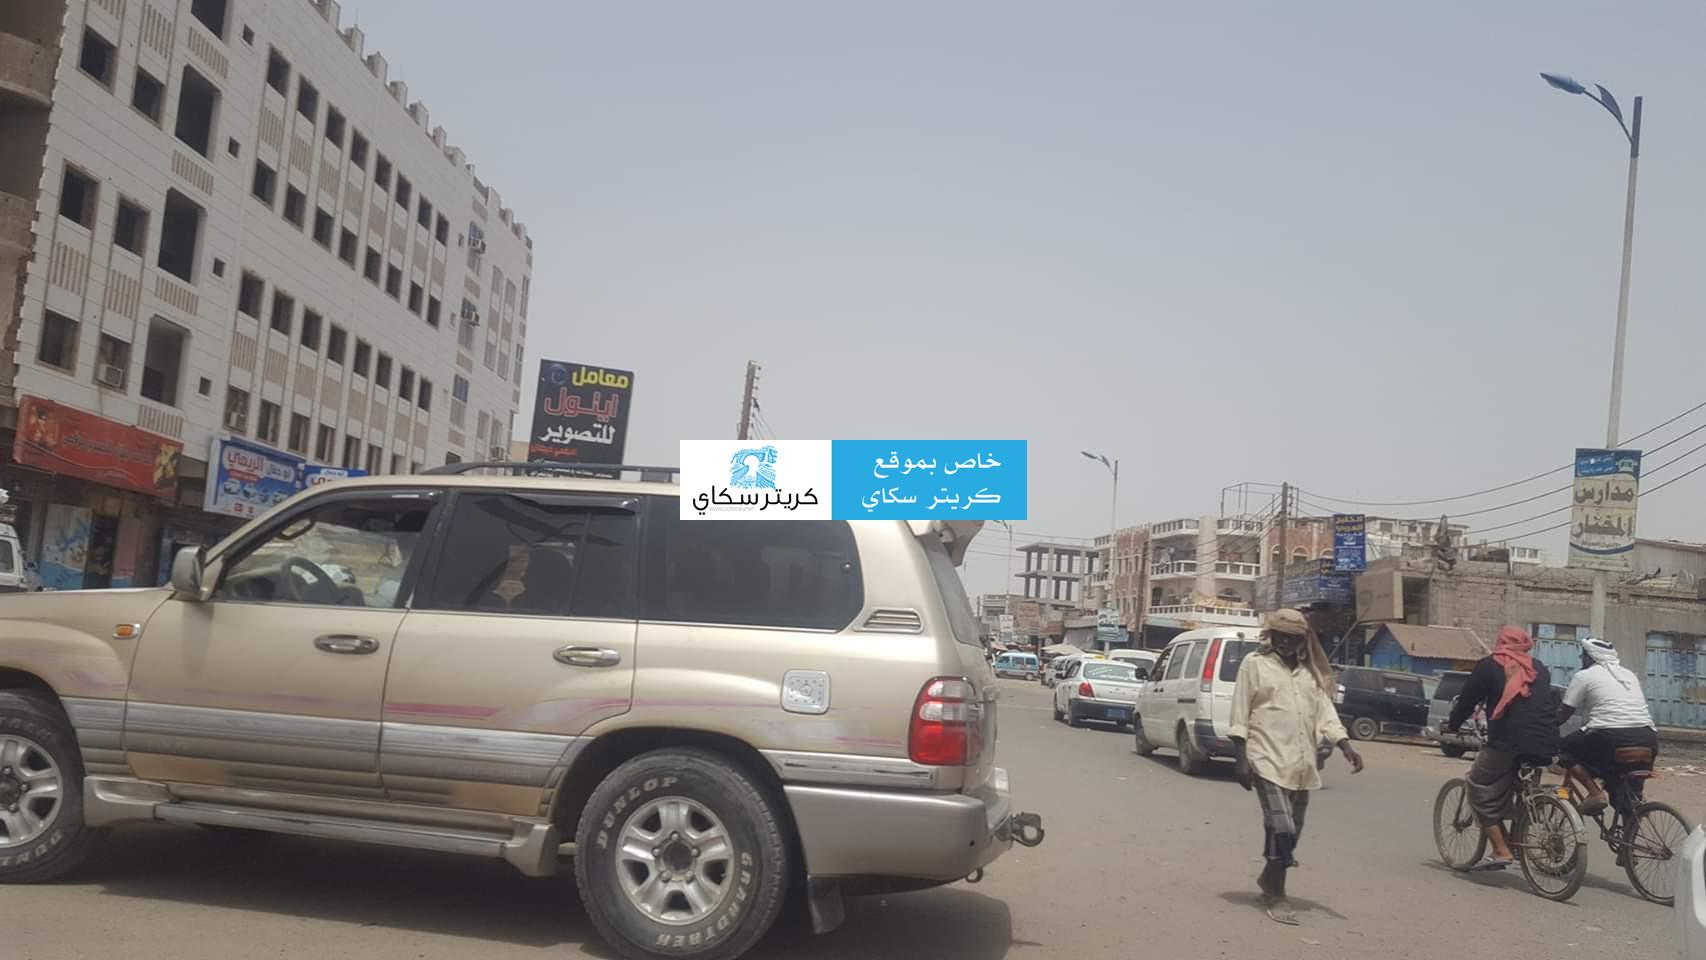 عاجل : قوة أمنية تنفذ مداهمات شمال عدن